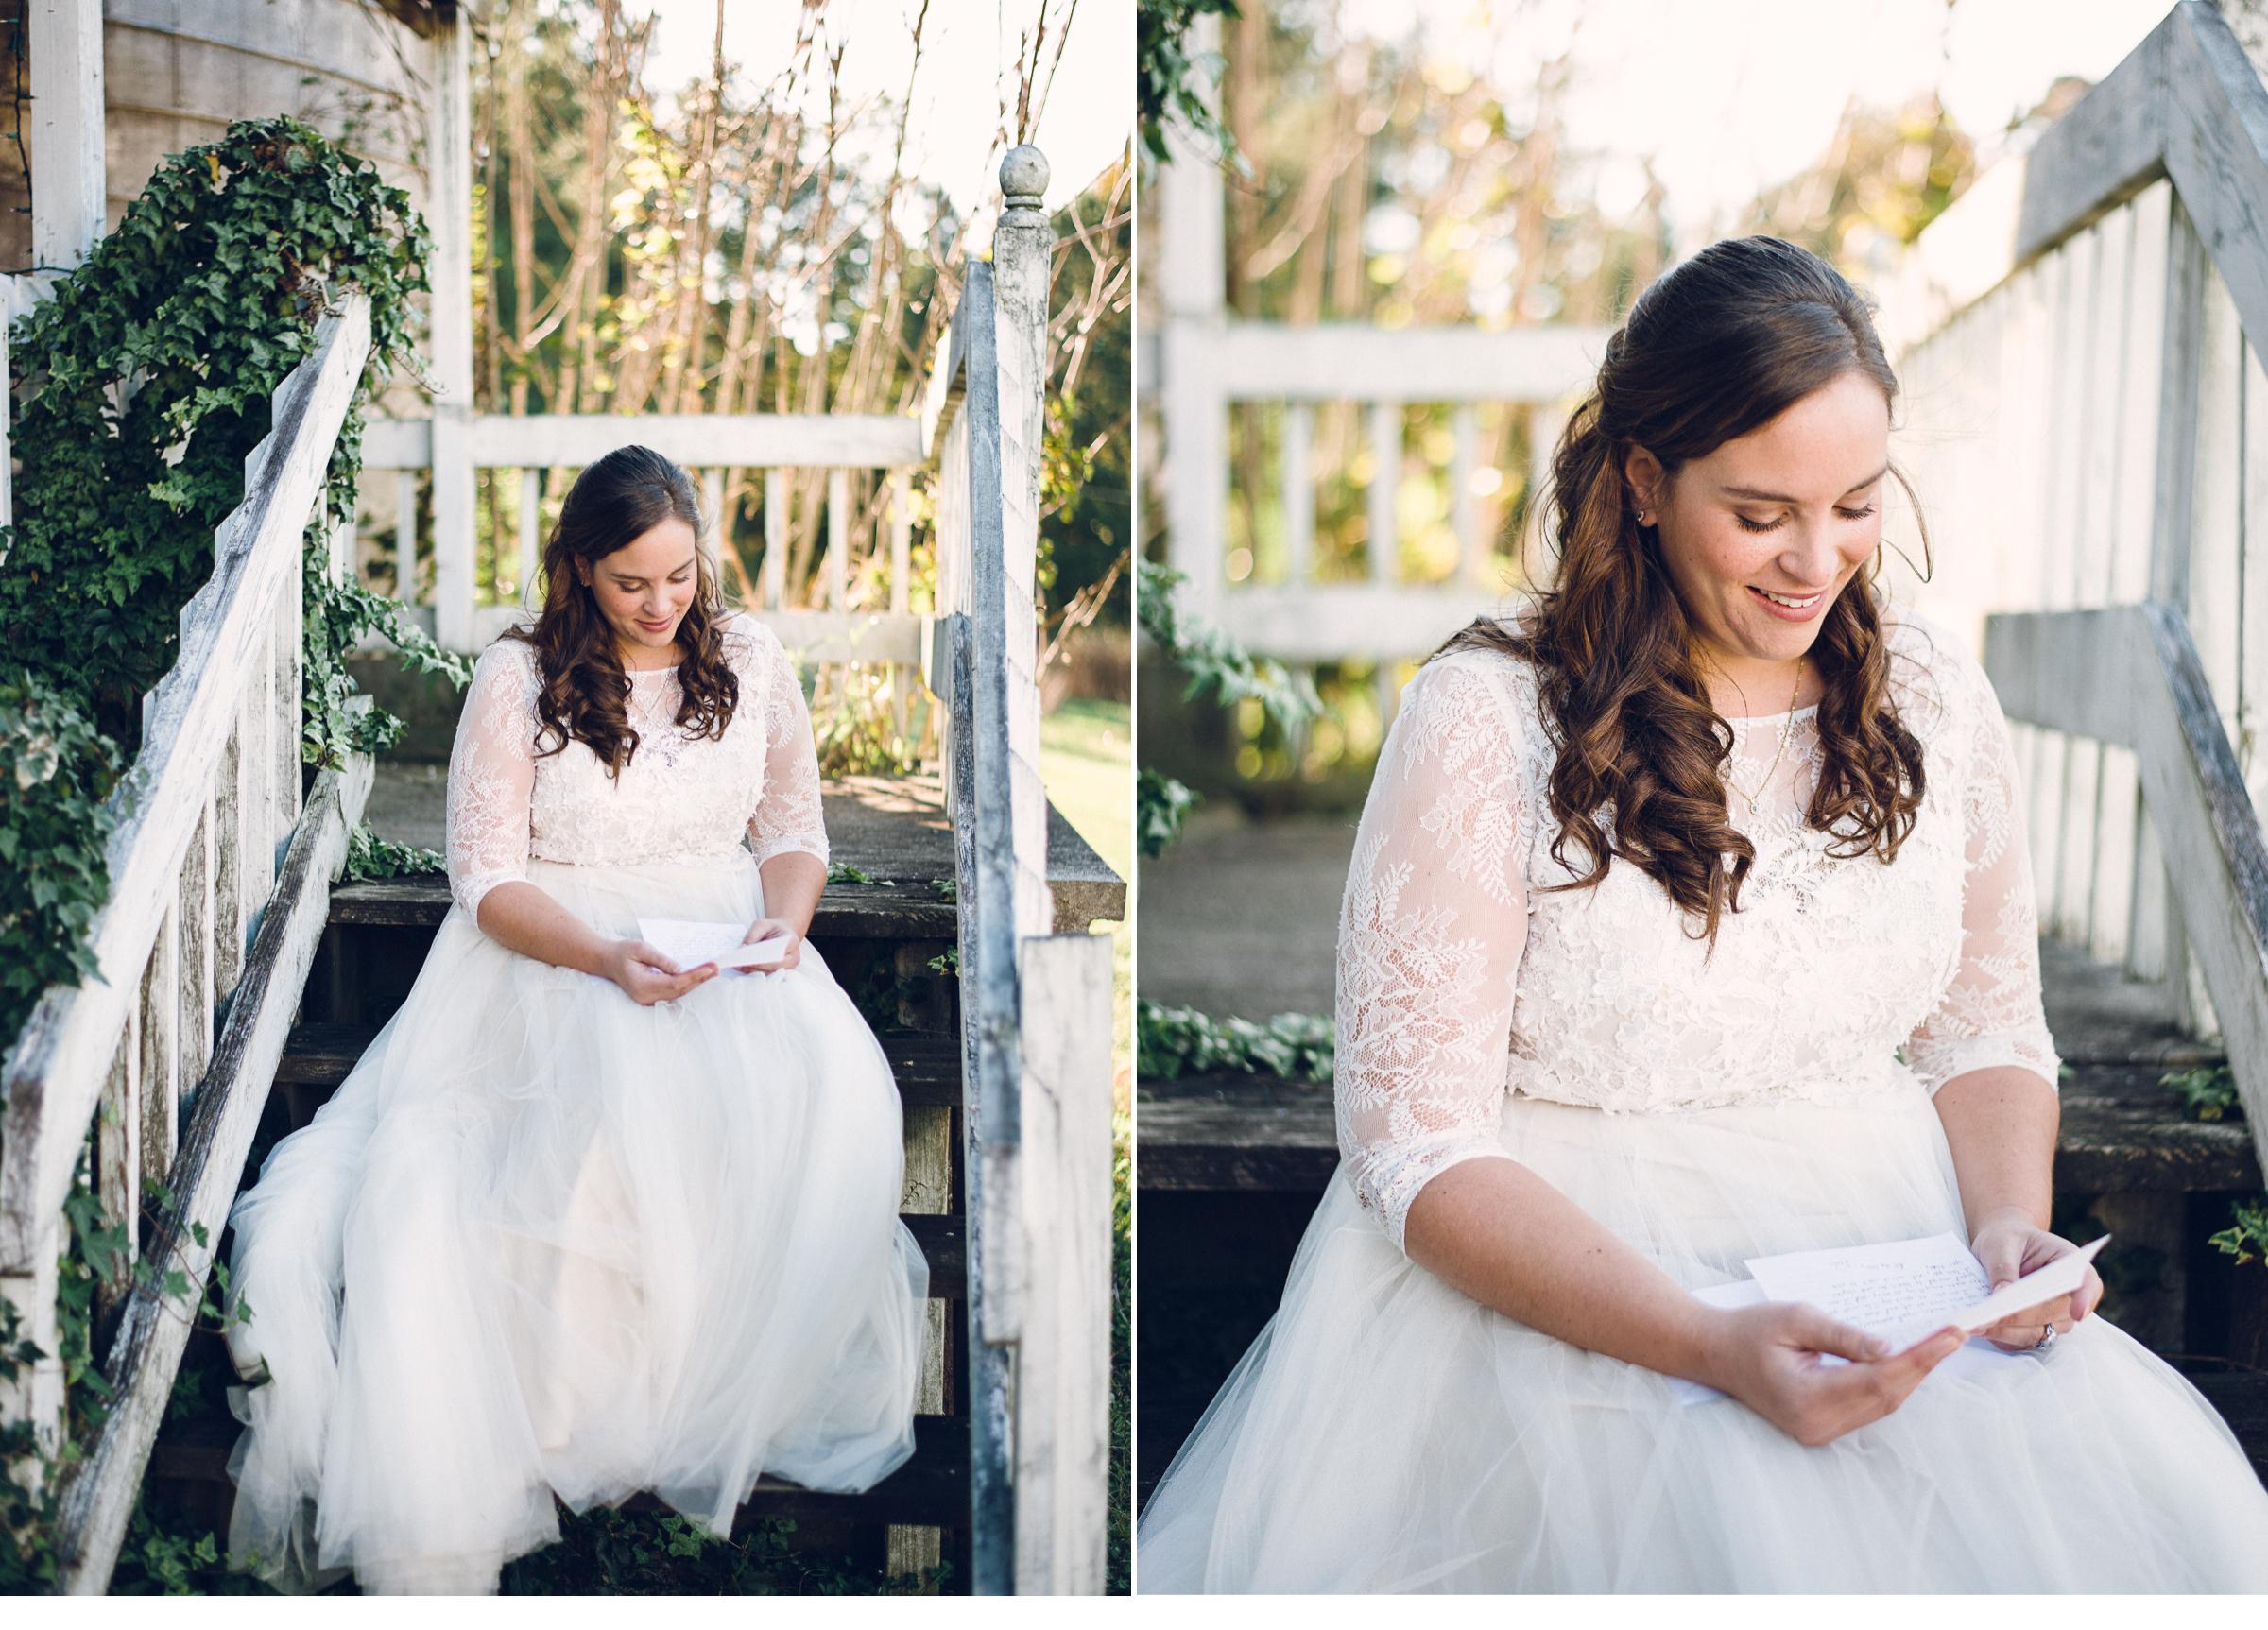 Stewart Wedding 22.jpg